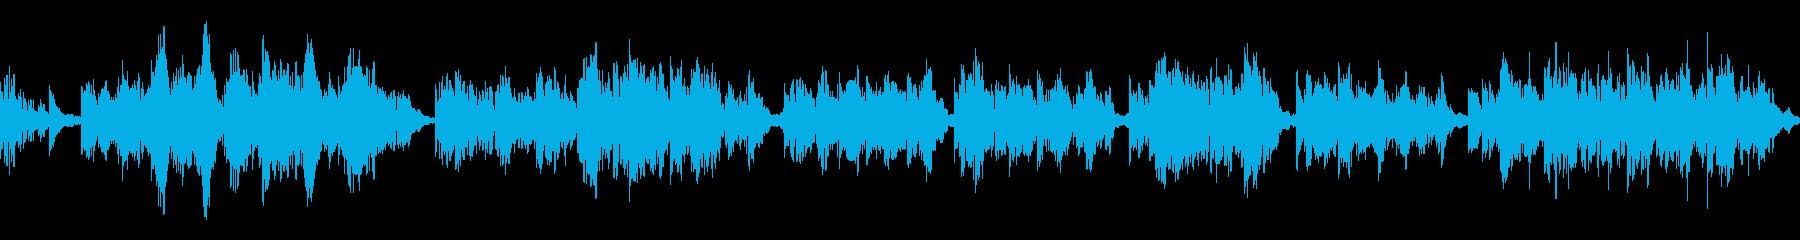 静かで切ない穏やかなピアノソロ の再生済みの波形